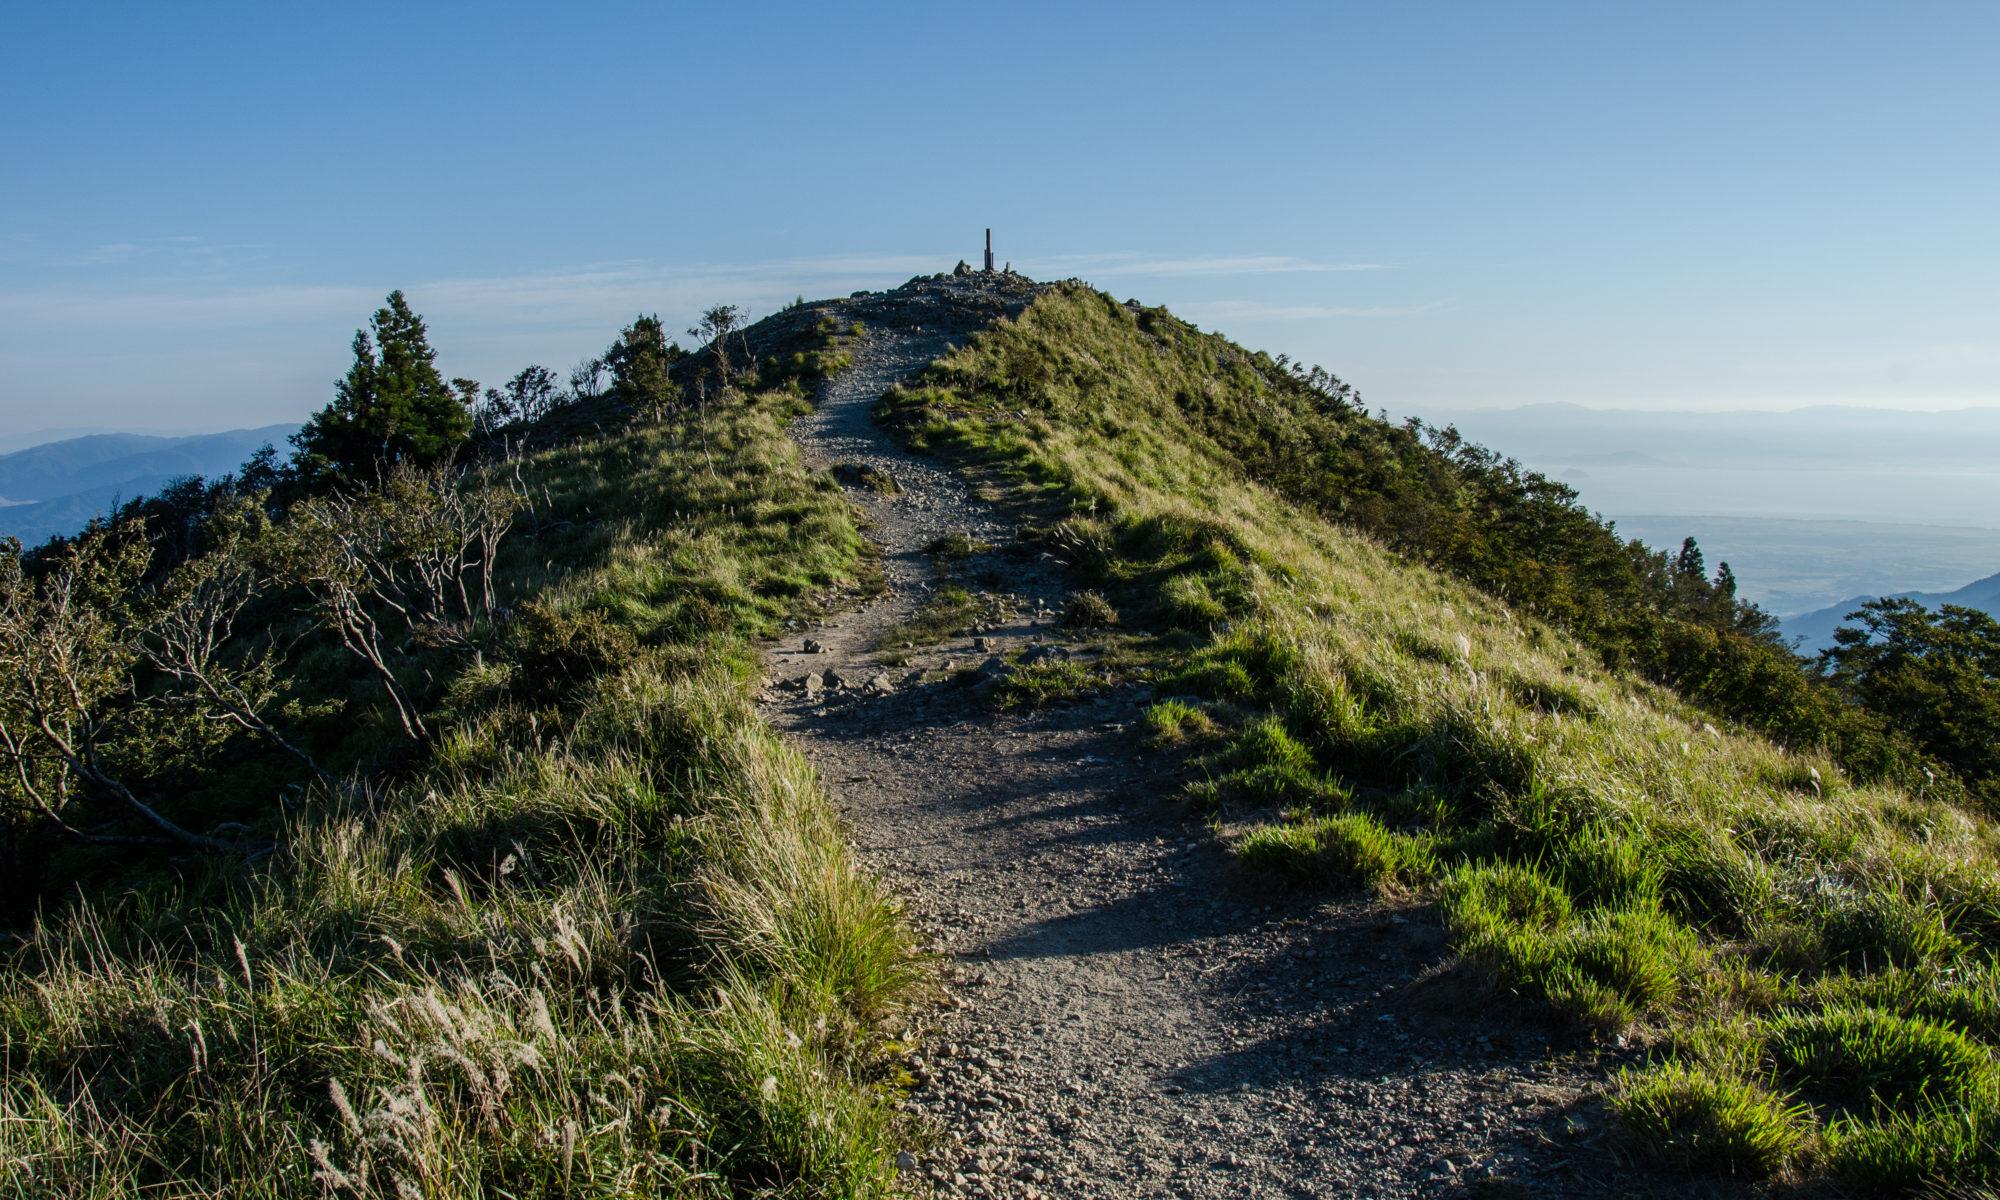 登山・防災用GPSオフラインマップアプリ:SkyWalking オフィシャルサイト